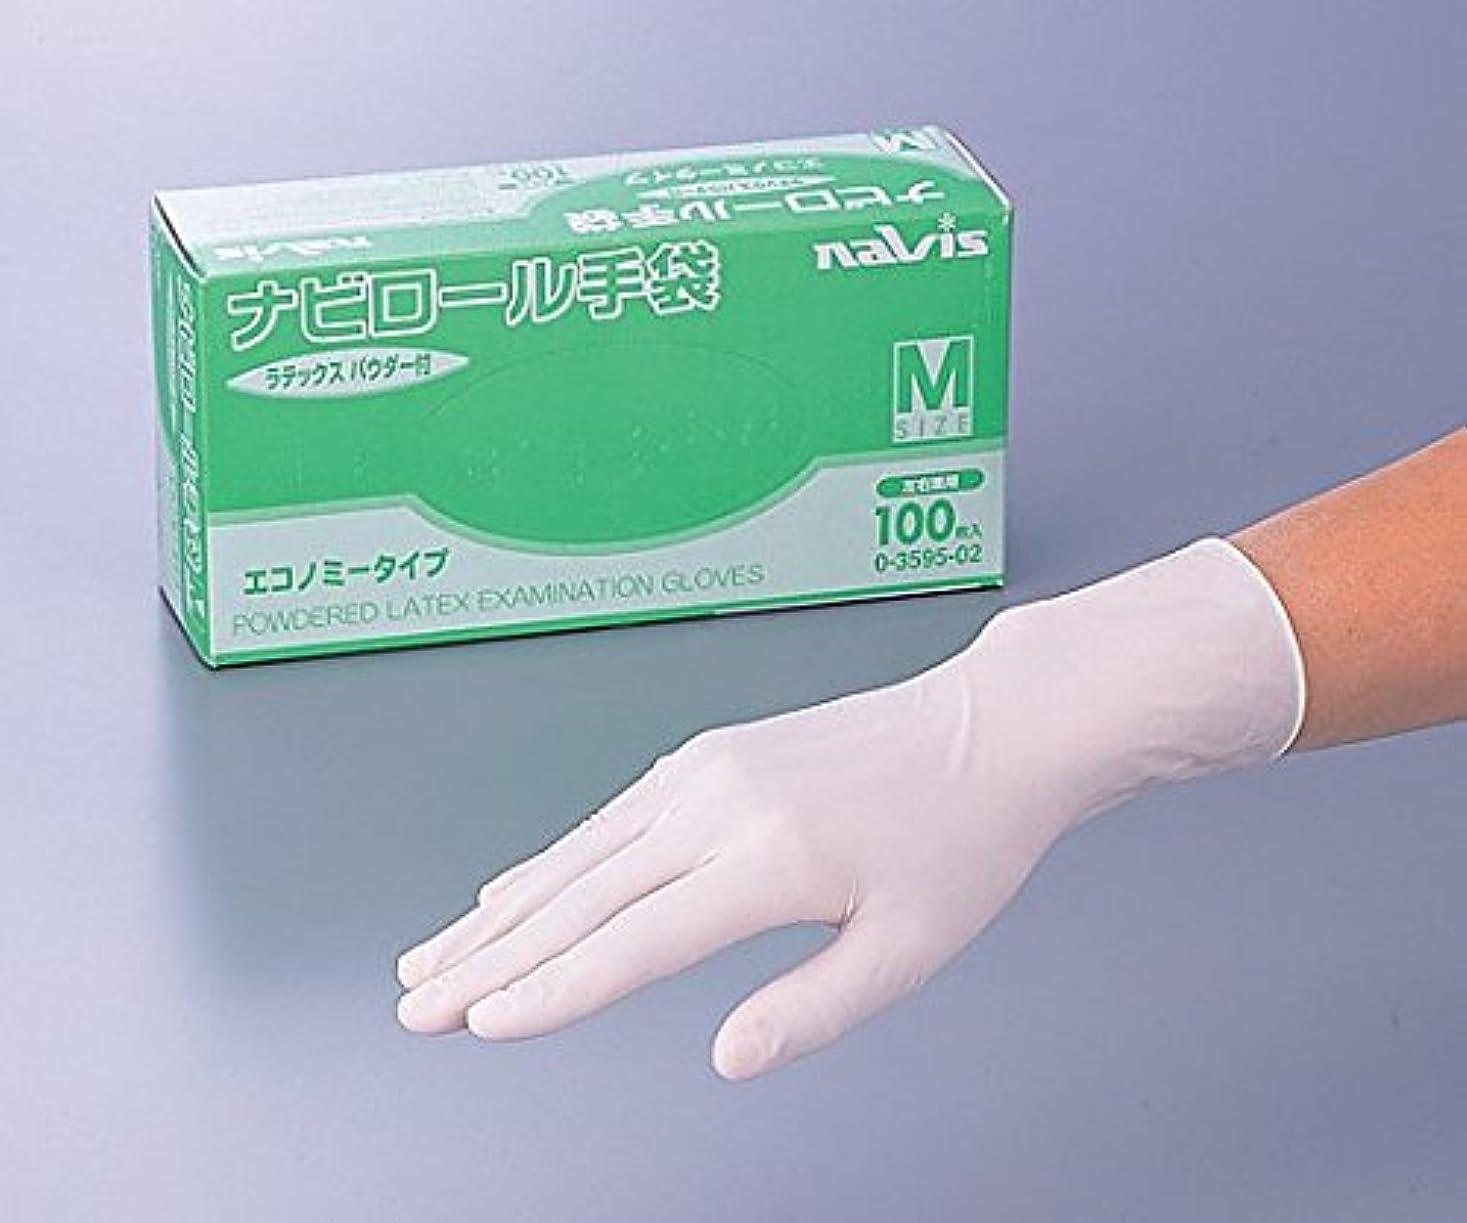 晩餐中止します居住者アズワン0-3595-03ナビロール手袋(エコノミータイプ?パウダー付)S100枚入